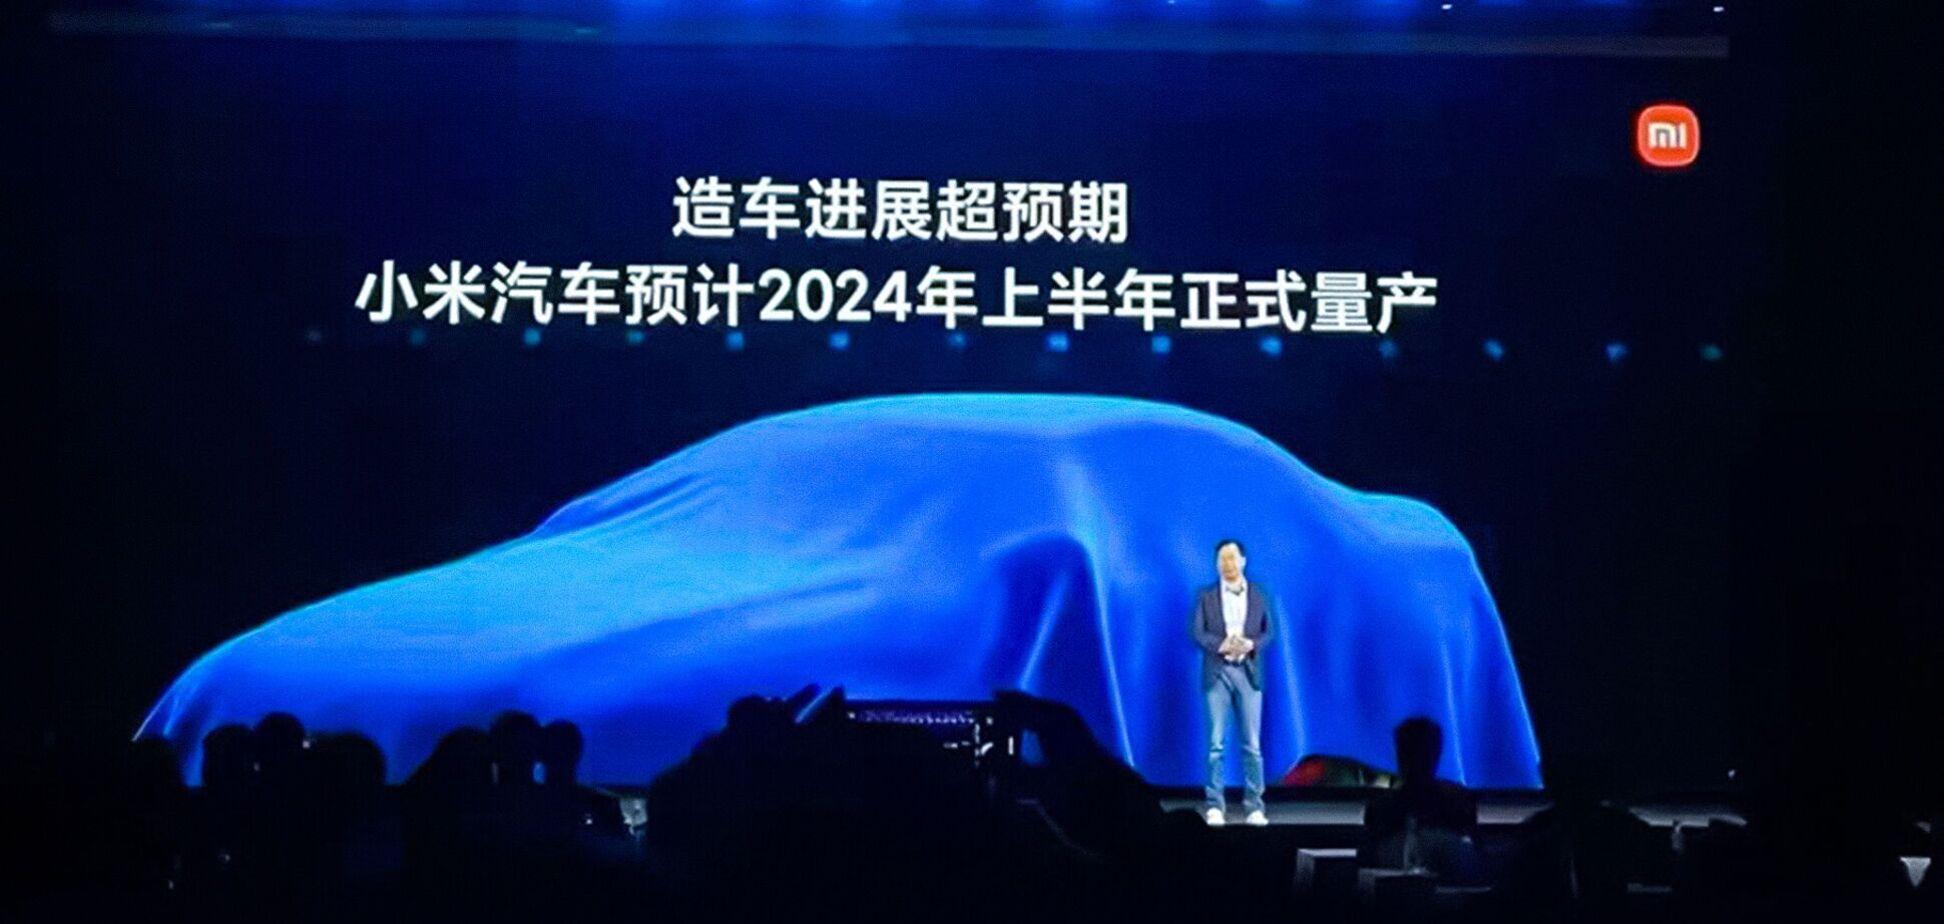 Xiaomi анонсировала дату выпуска электромобиля